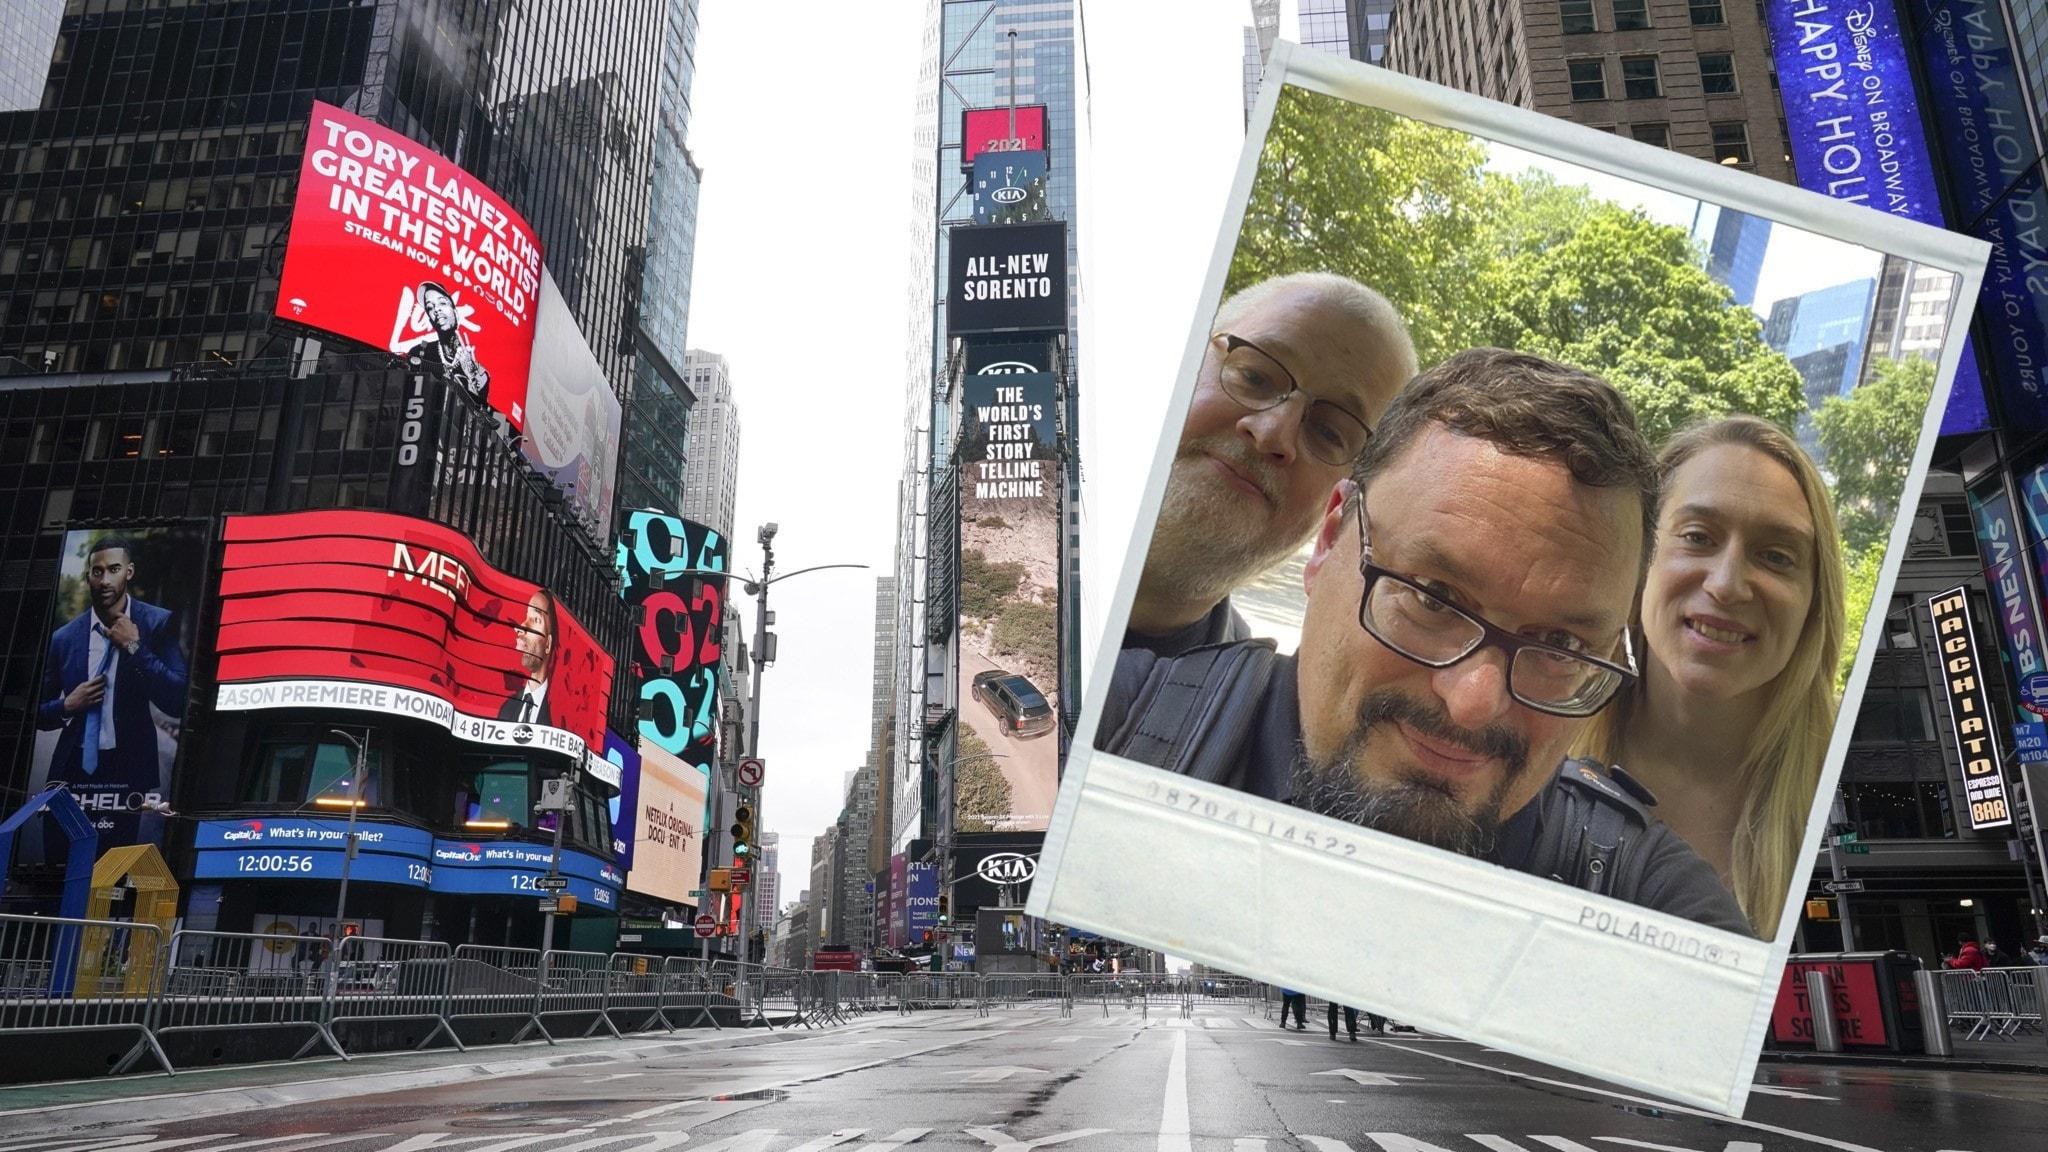 Veckans Radiokorrespondenterna tittar tillbaka på ett märkligt år i New York.